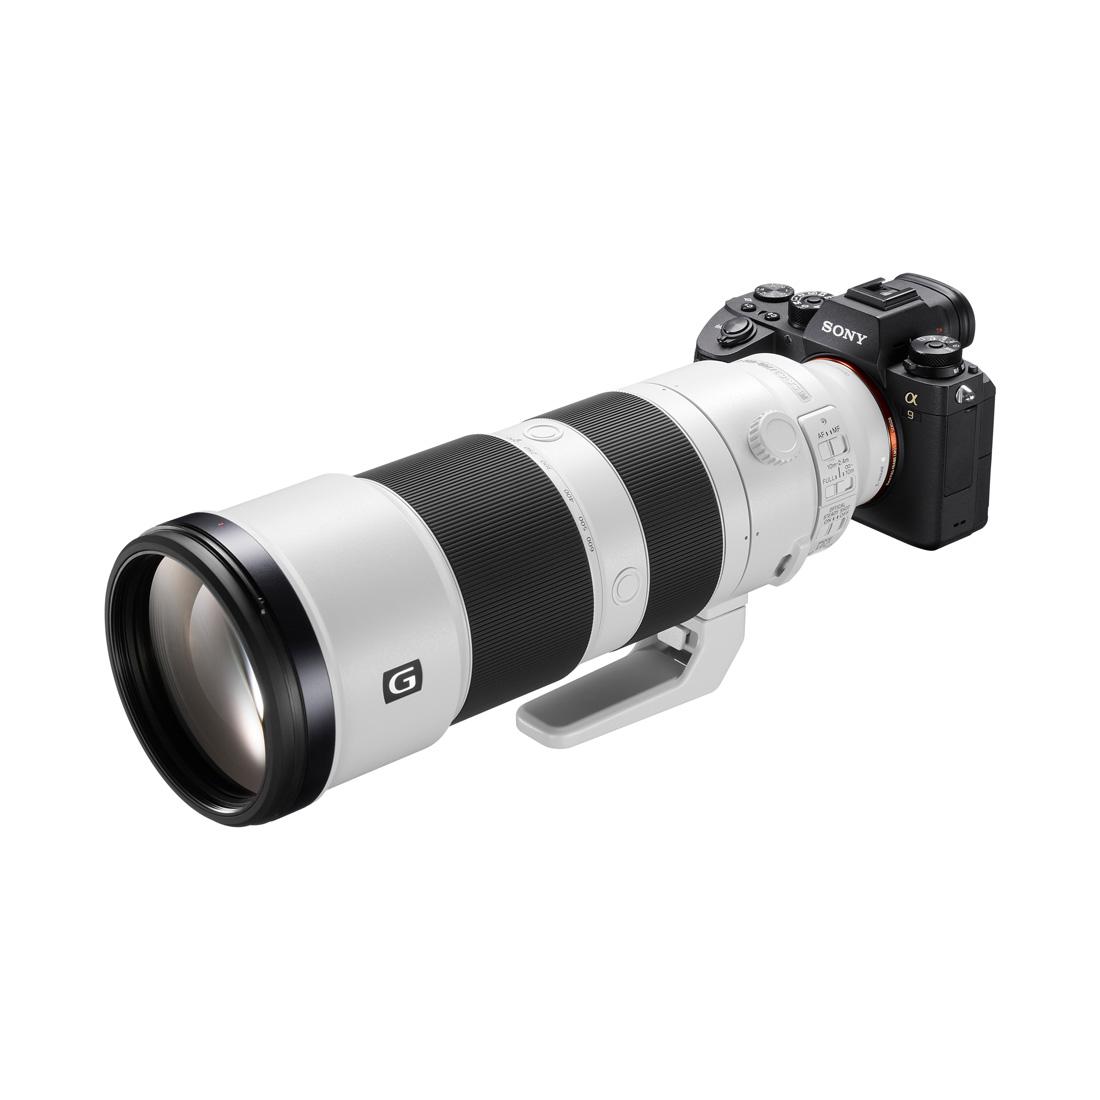 El nuevo súper teleobjetivo FE 200-600mm f/5.6-6.3 G OSS